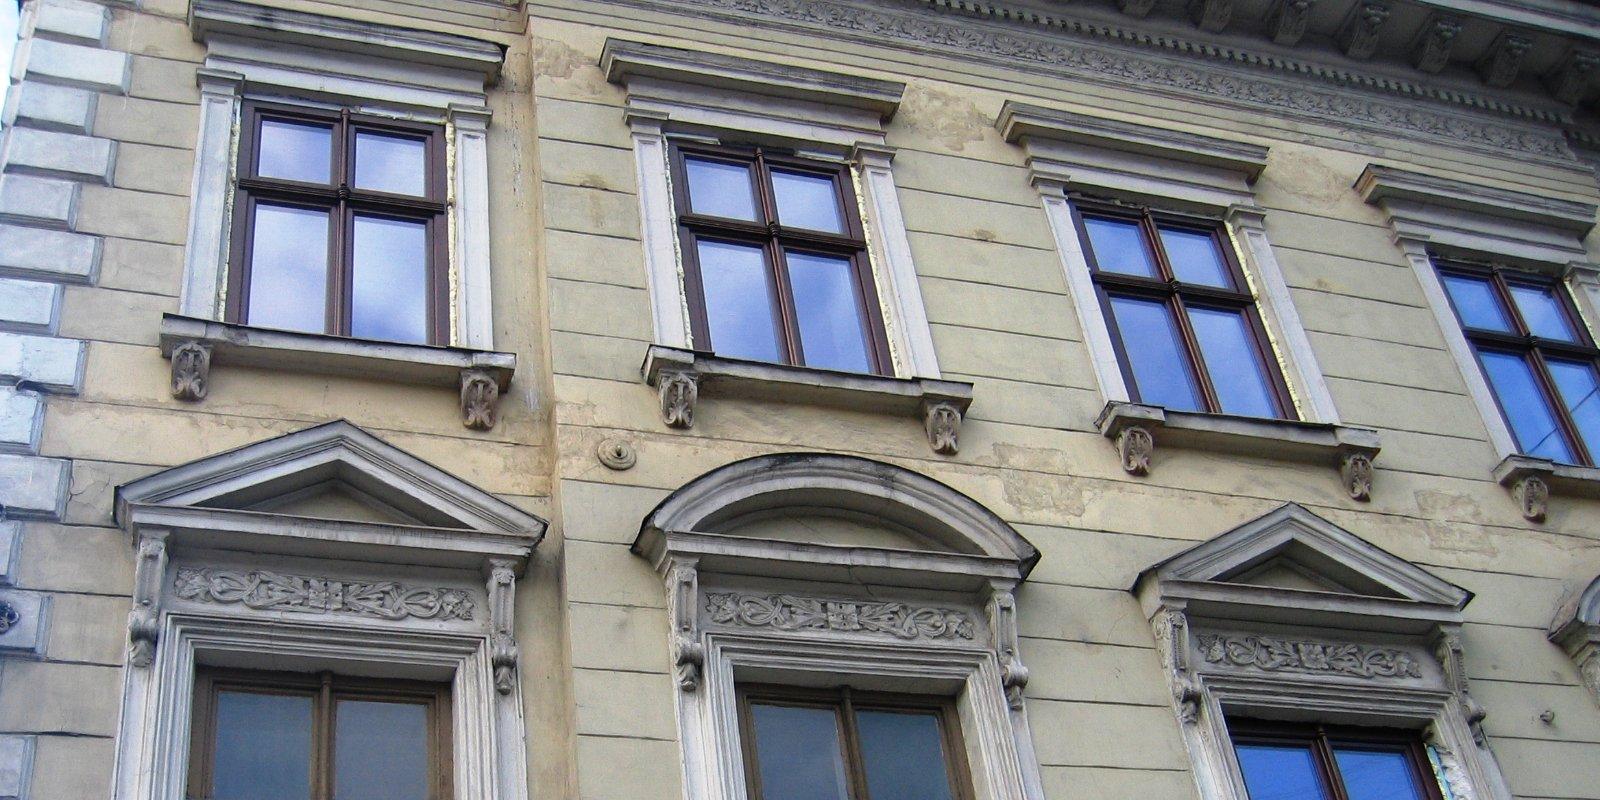 В Восточном округе сохранят и отреставрируют 47 домов, расселяемых по Программе реновации